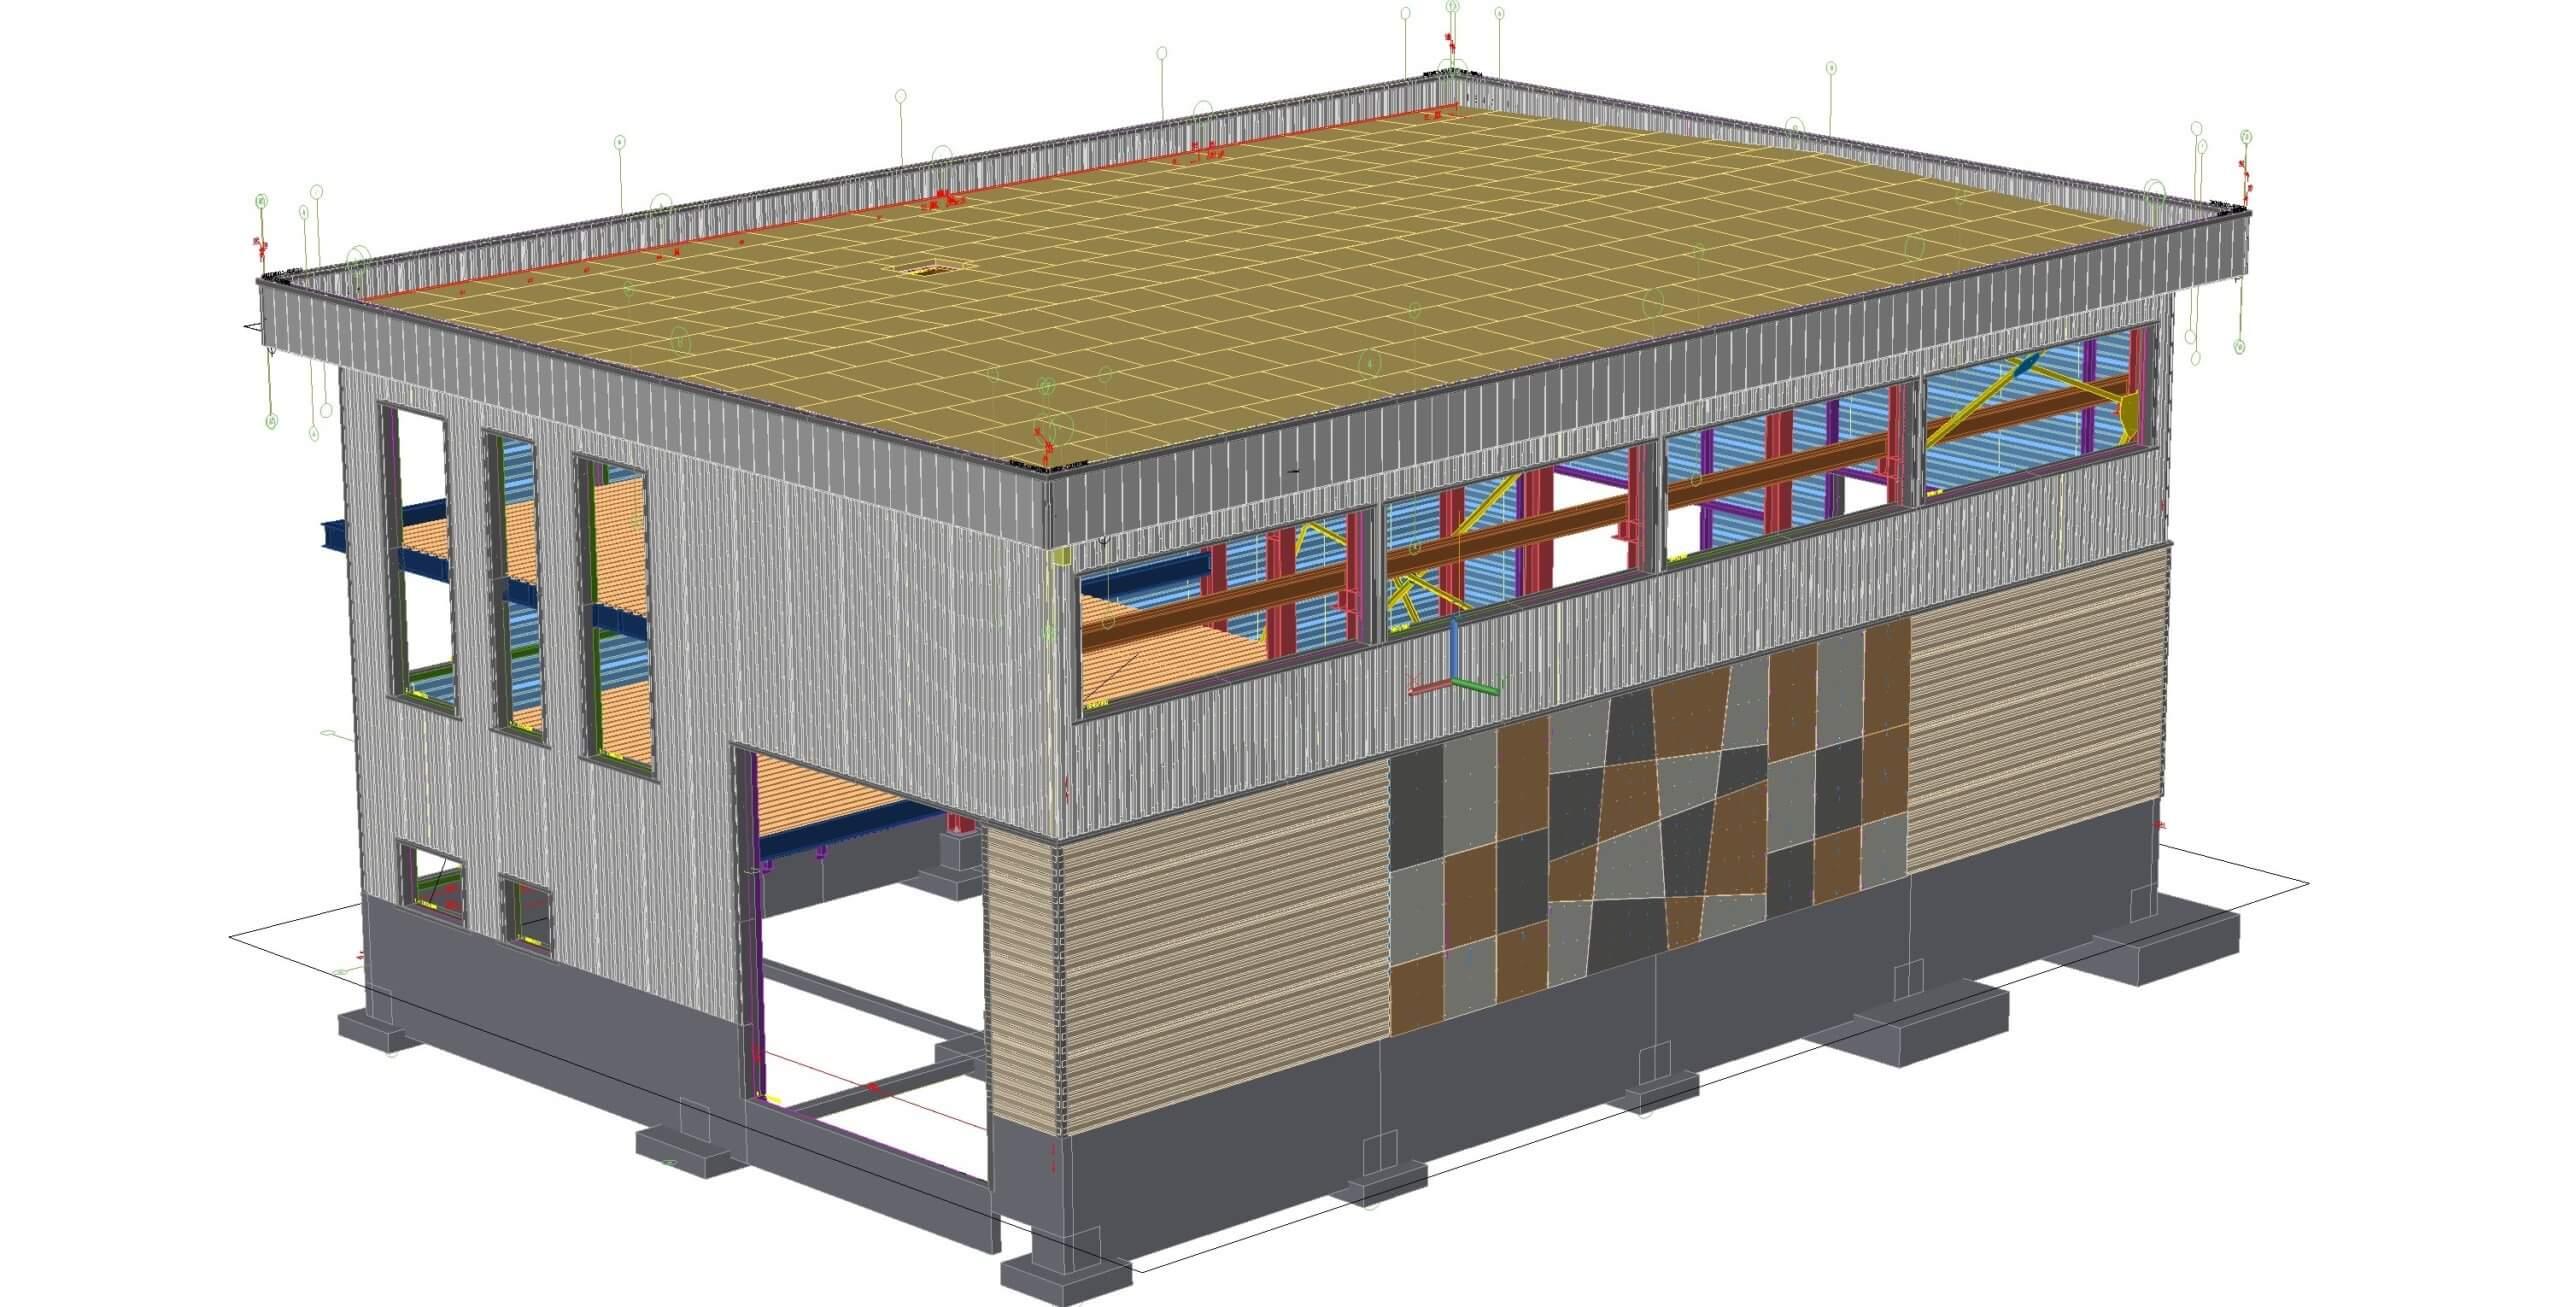 Modélisation 3D d'un bâtiment avec du bardage métallique horizontal et vertical plus du bardage panneau